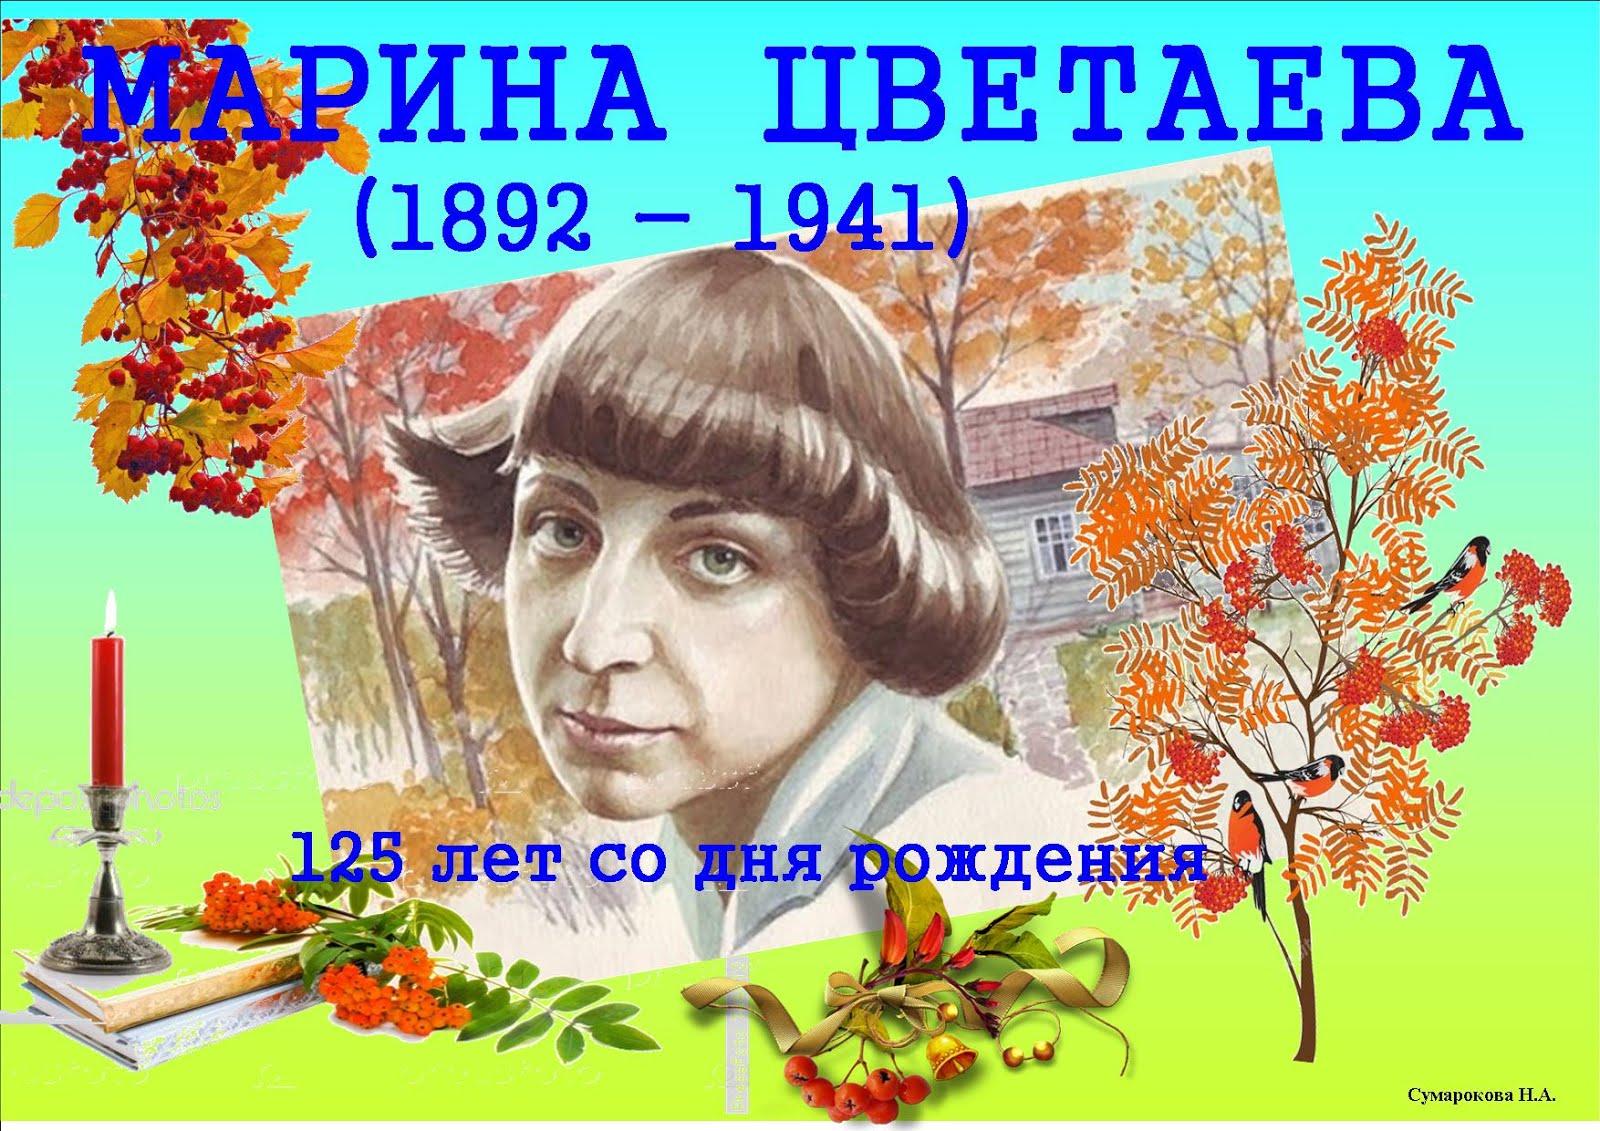 К 125-летию М. Цветаевой